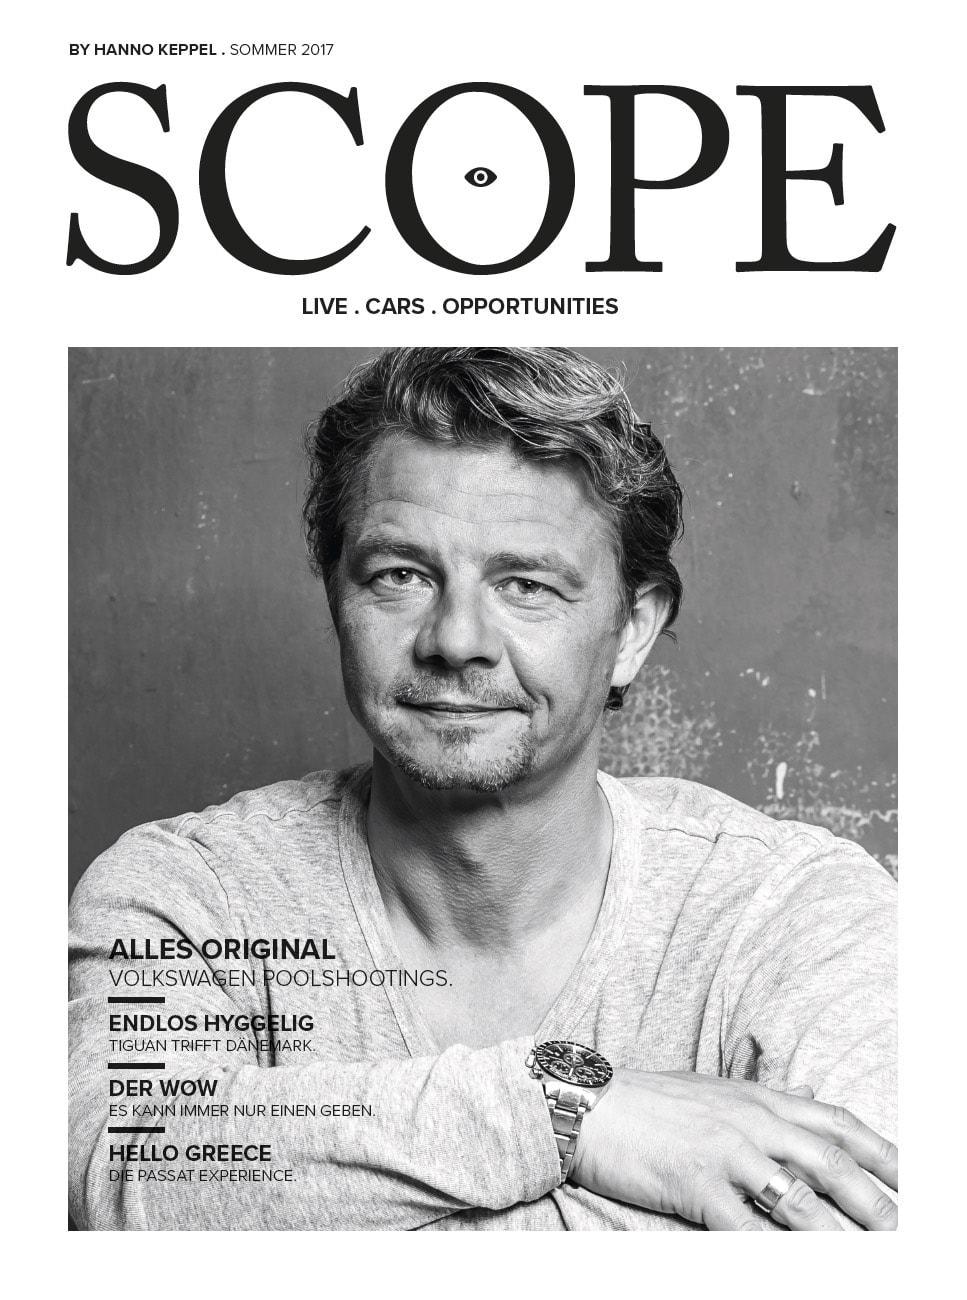 das magazin scope wird vom brsunschweiger fotostudio in eigenregie erstellt und dient dem zweck kunden über aktuelle projekte auf dem laufenden zu halten.